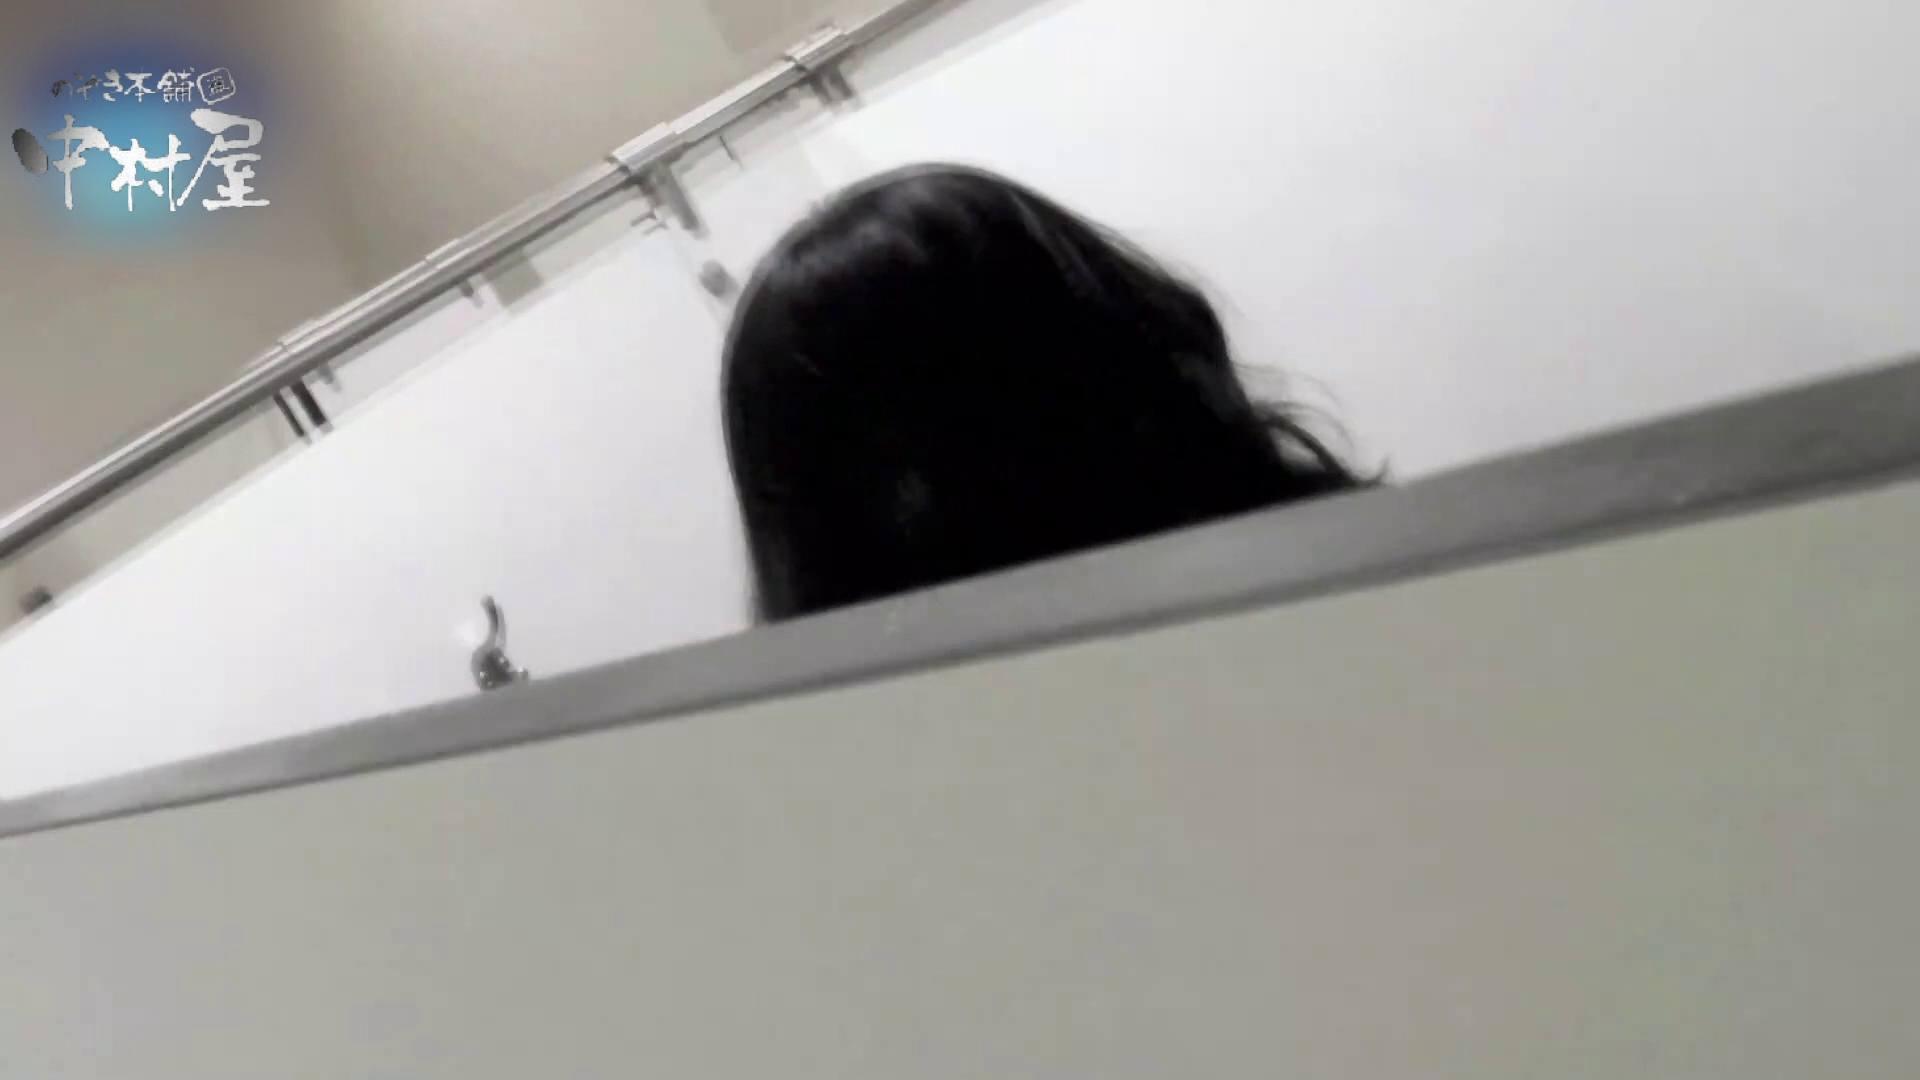 乙女集まる!ショッピングモール潜入撮vol.05 丸見え  77pic 43